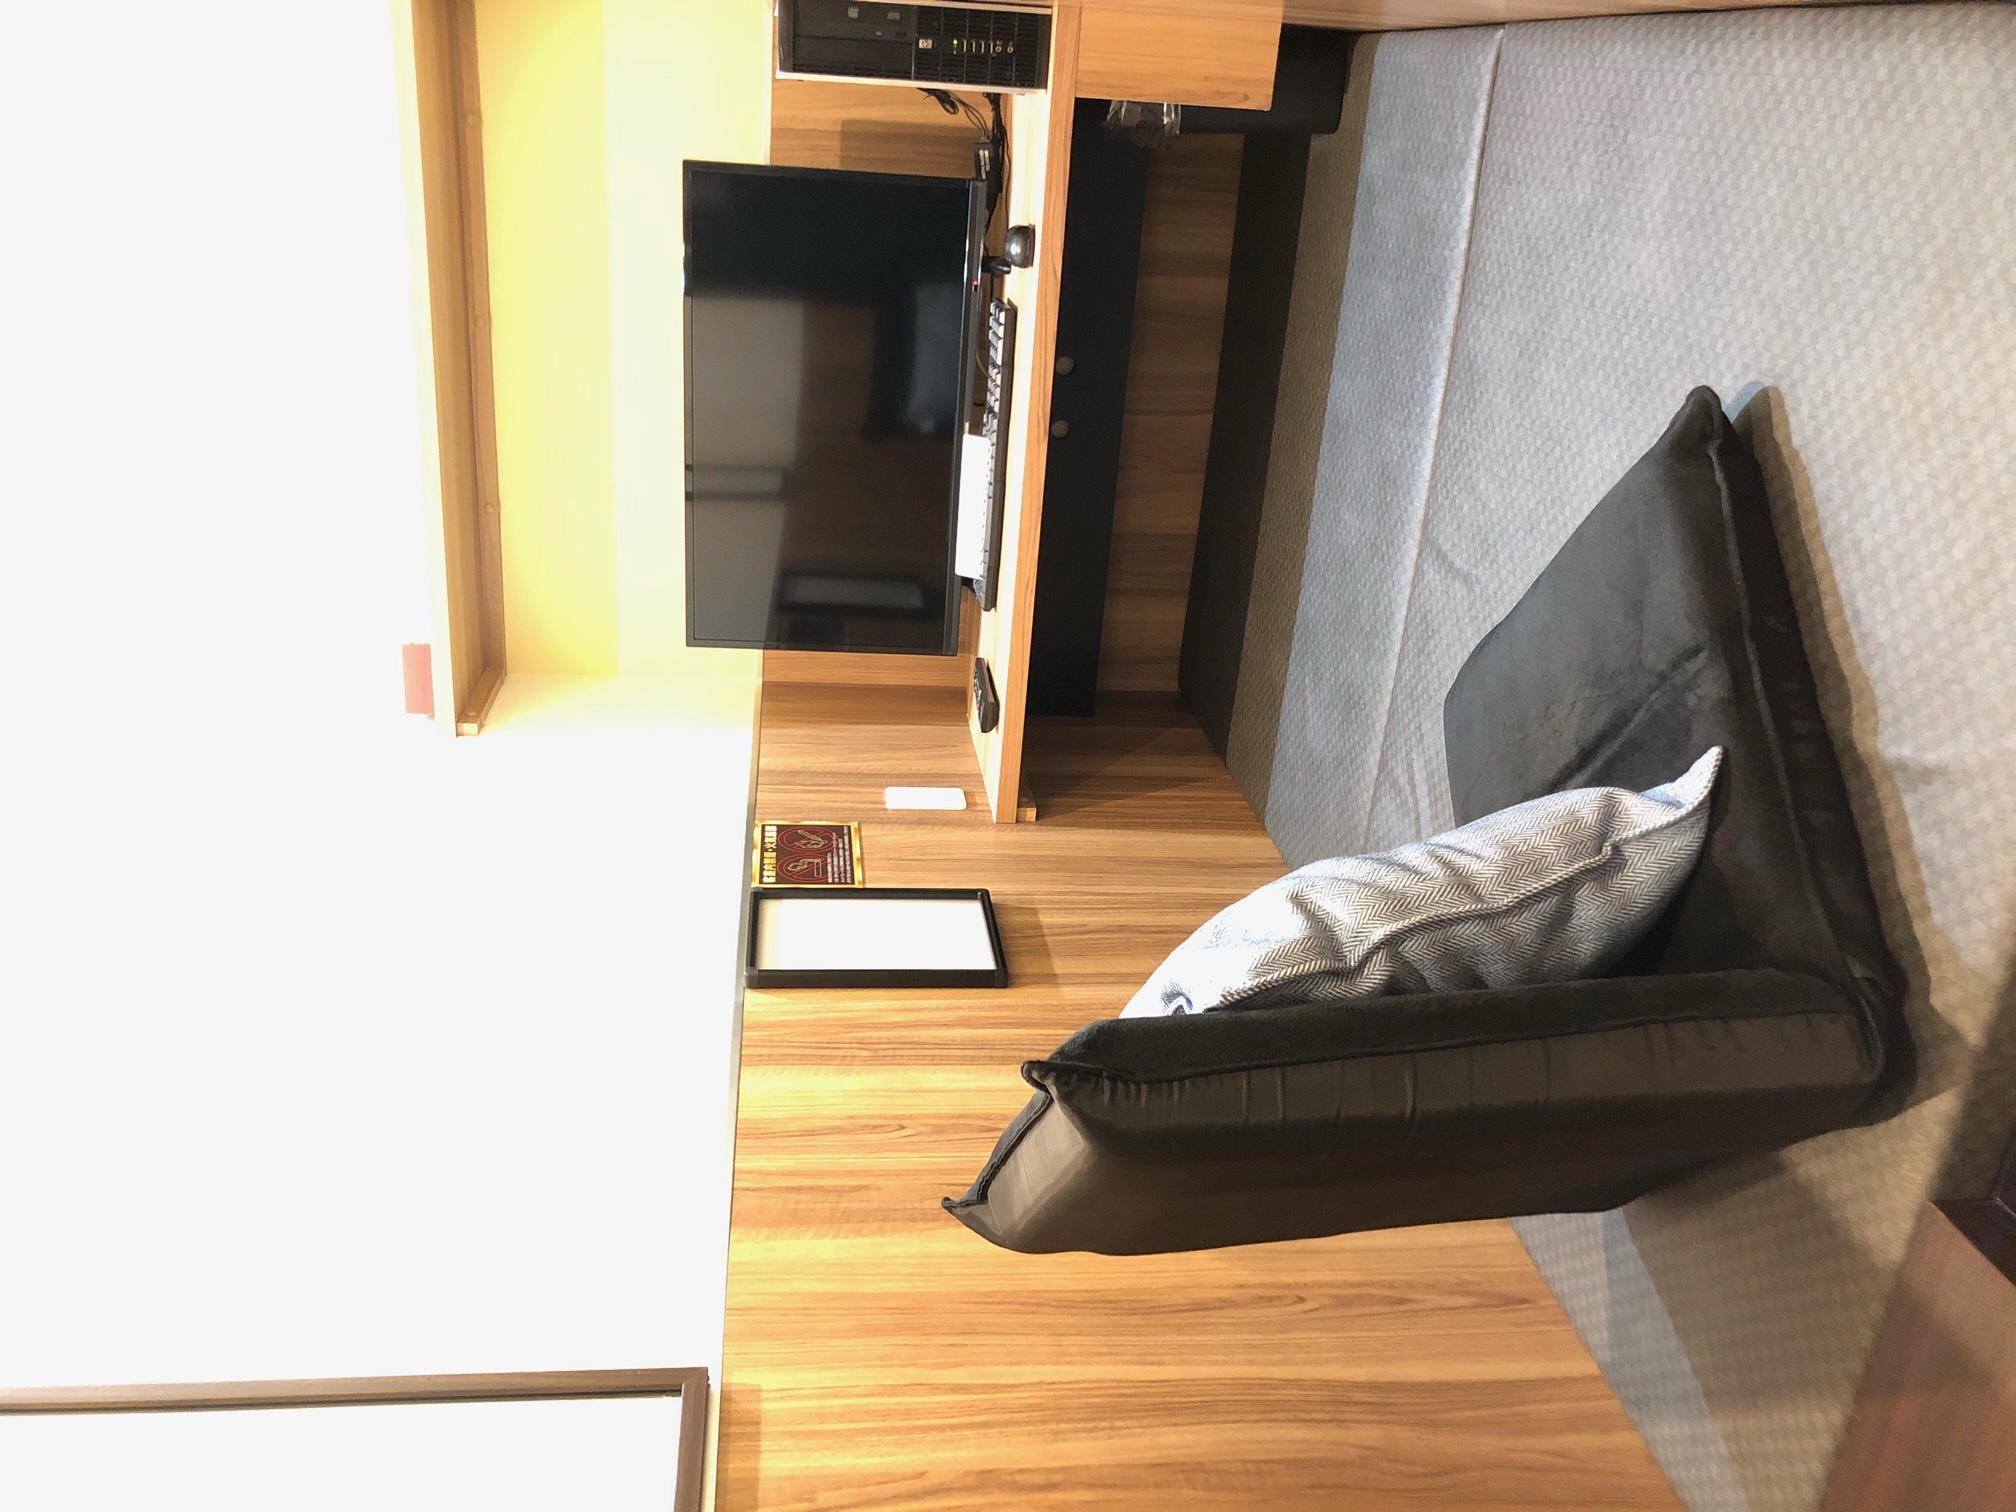 スタンダード 1名~2名様用 - 道玄坂NETROOM1.st 安心安全鍵付完全個室の室内の写真